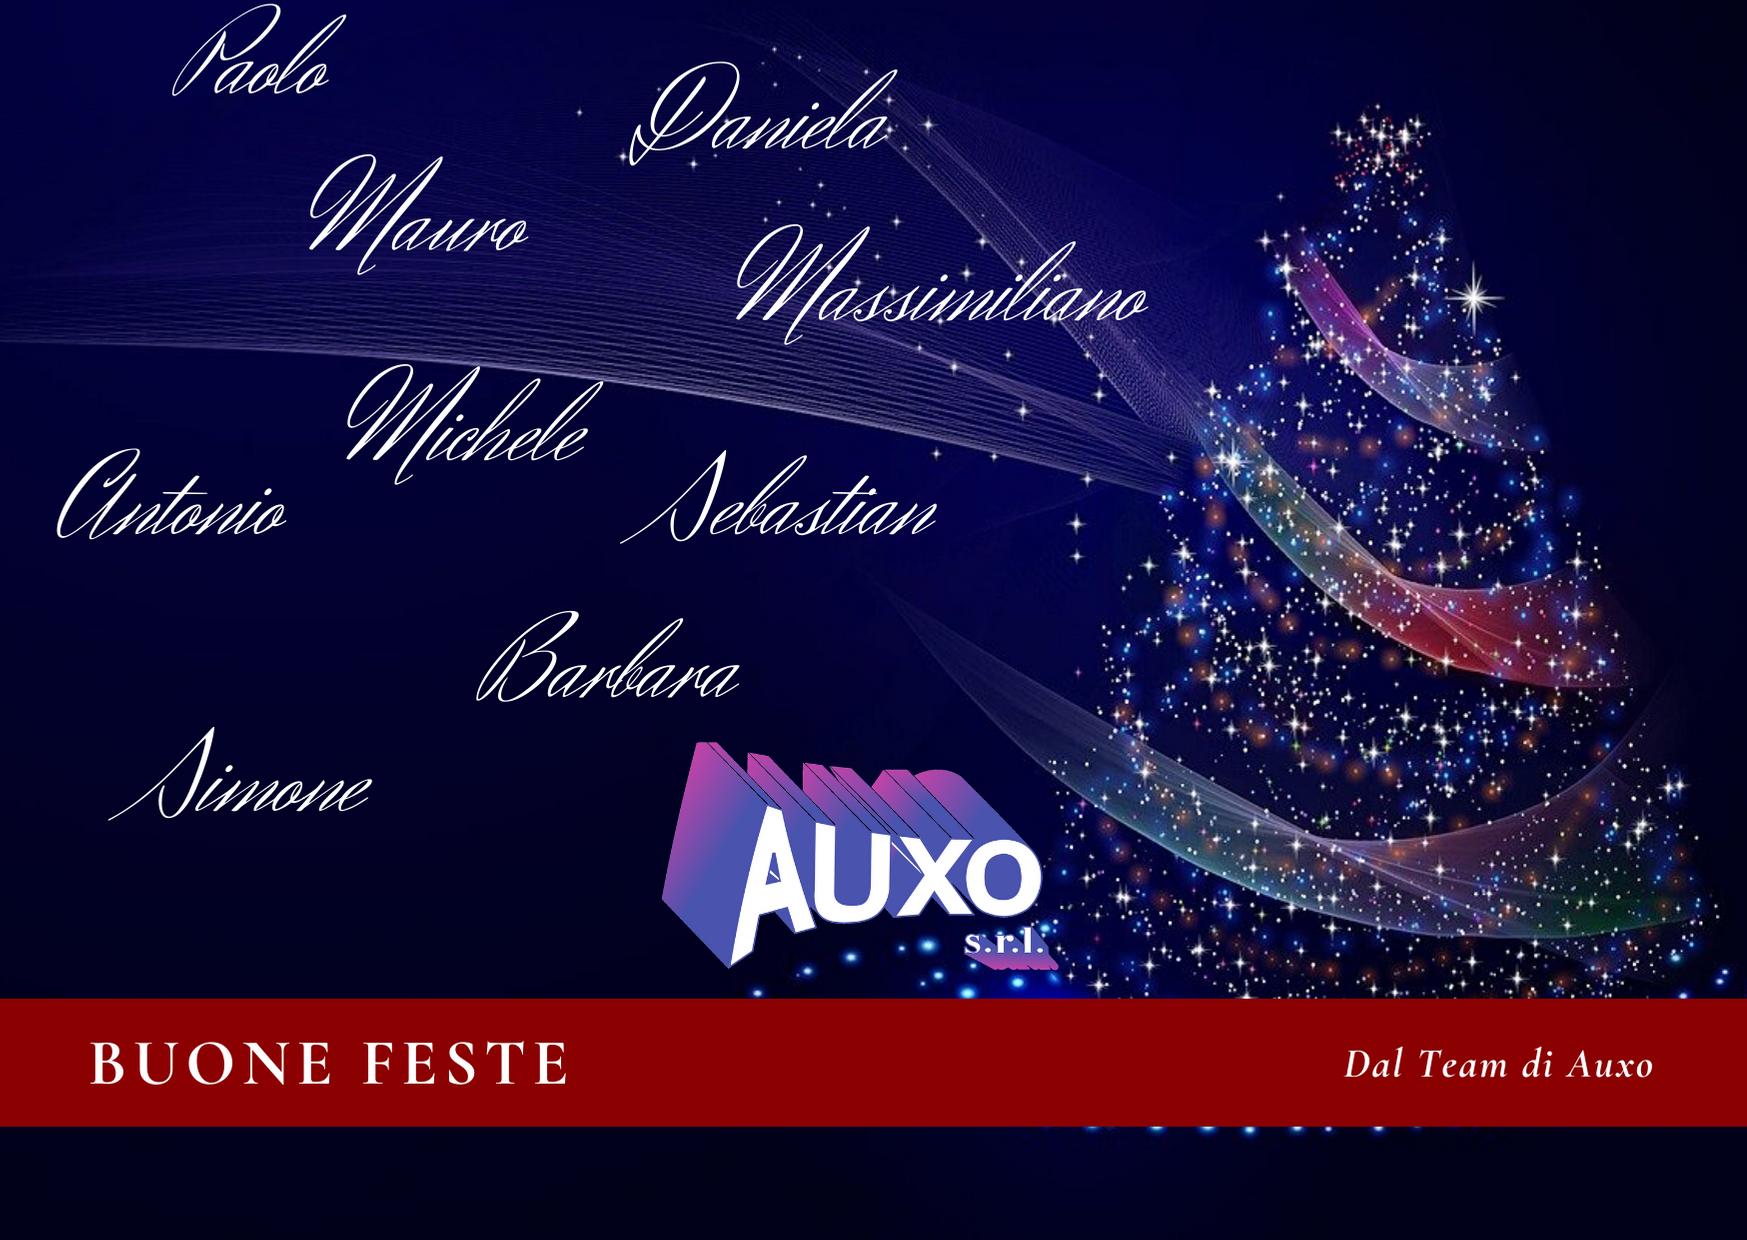 I migliori auguri dal Team di Auxo